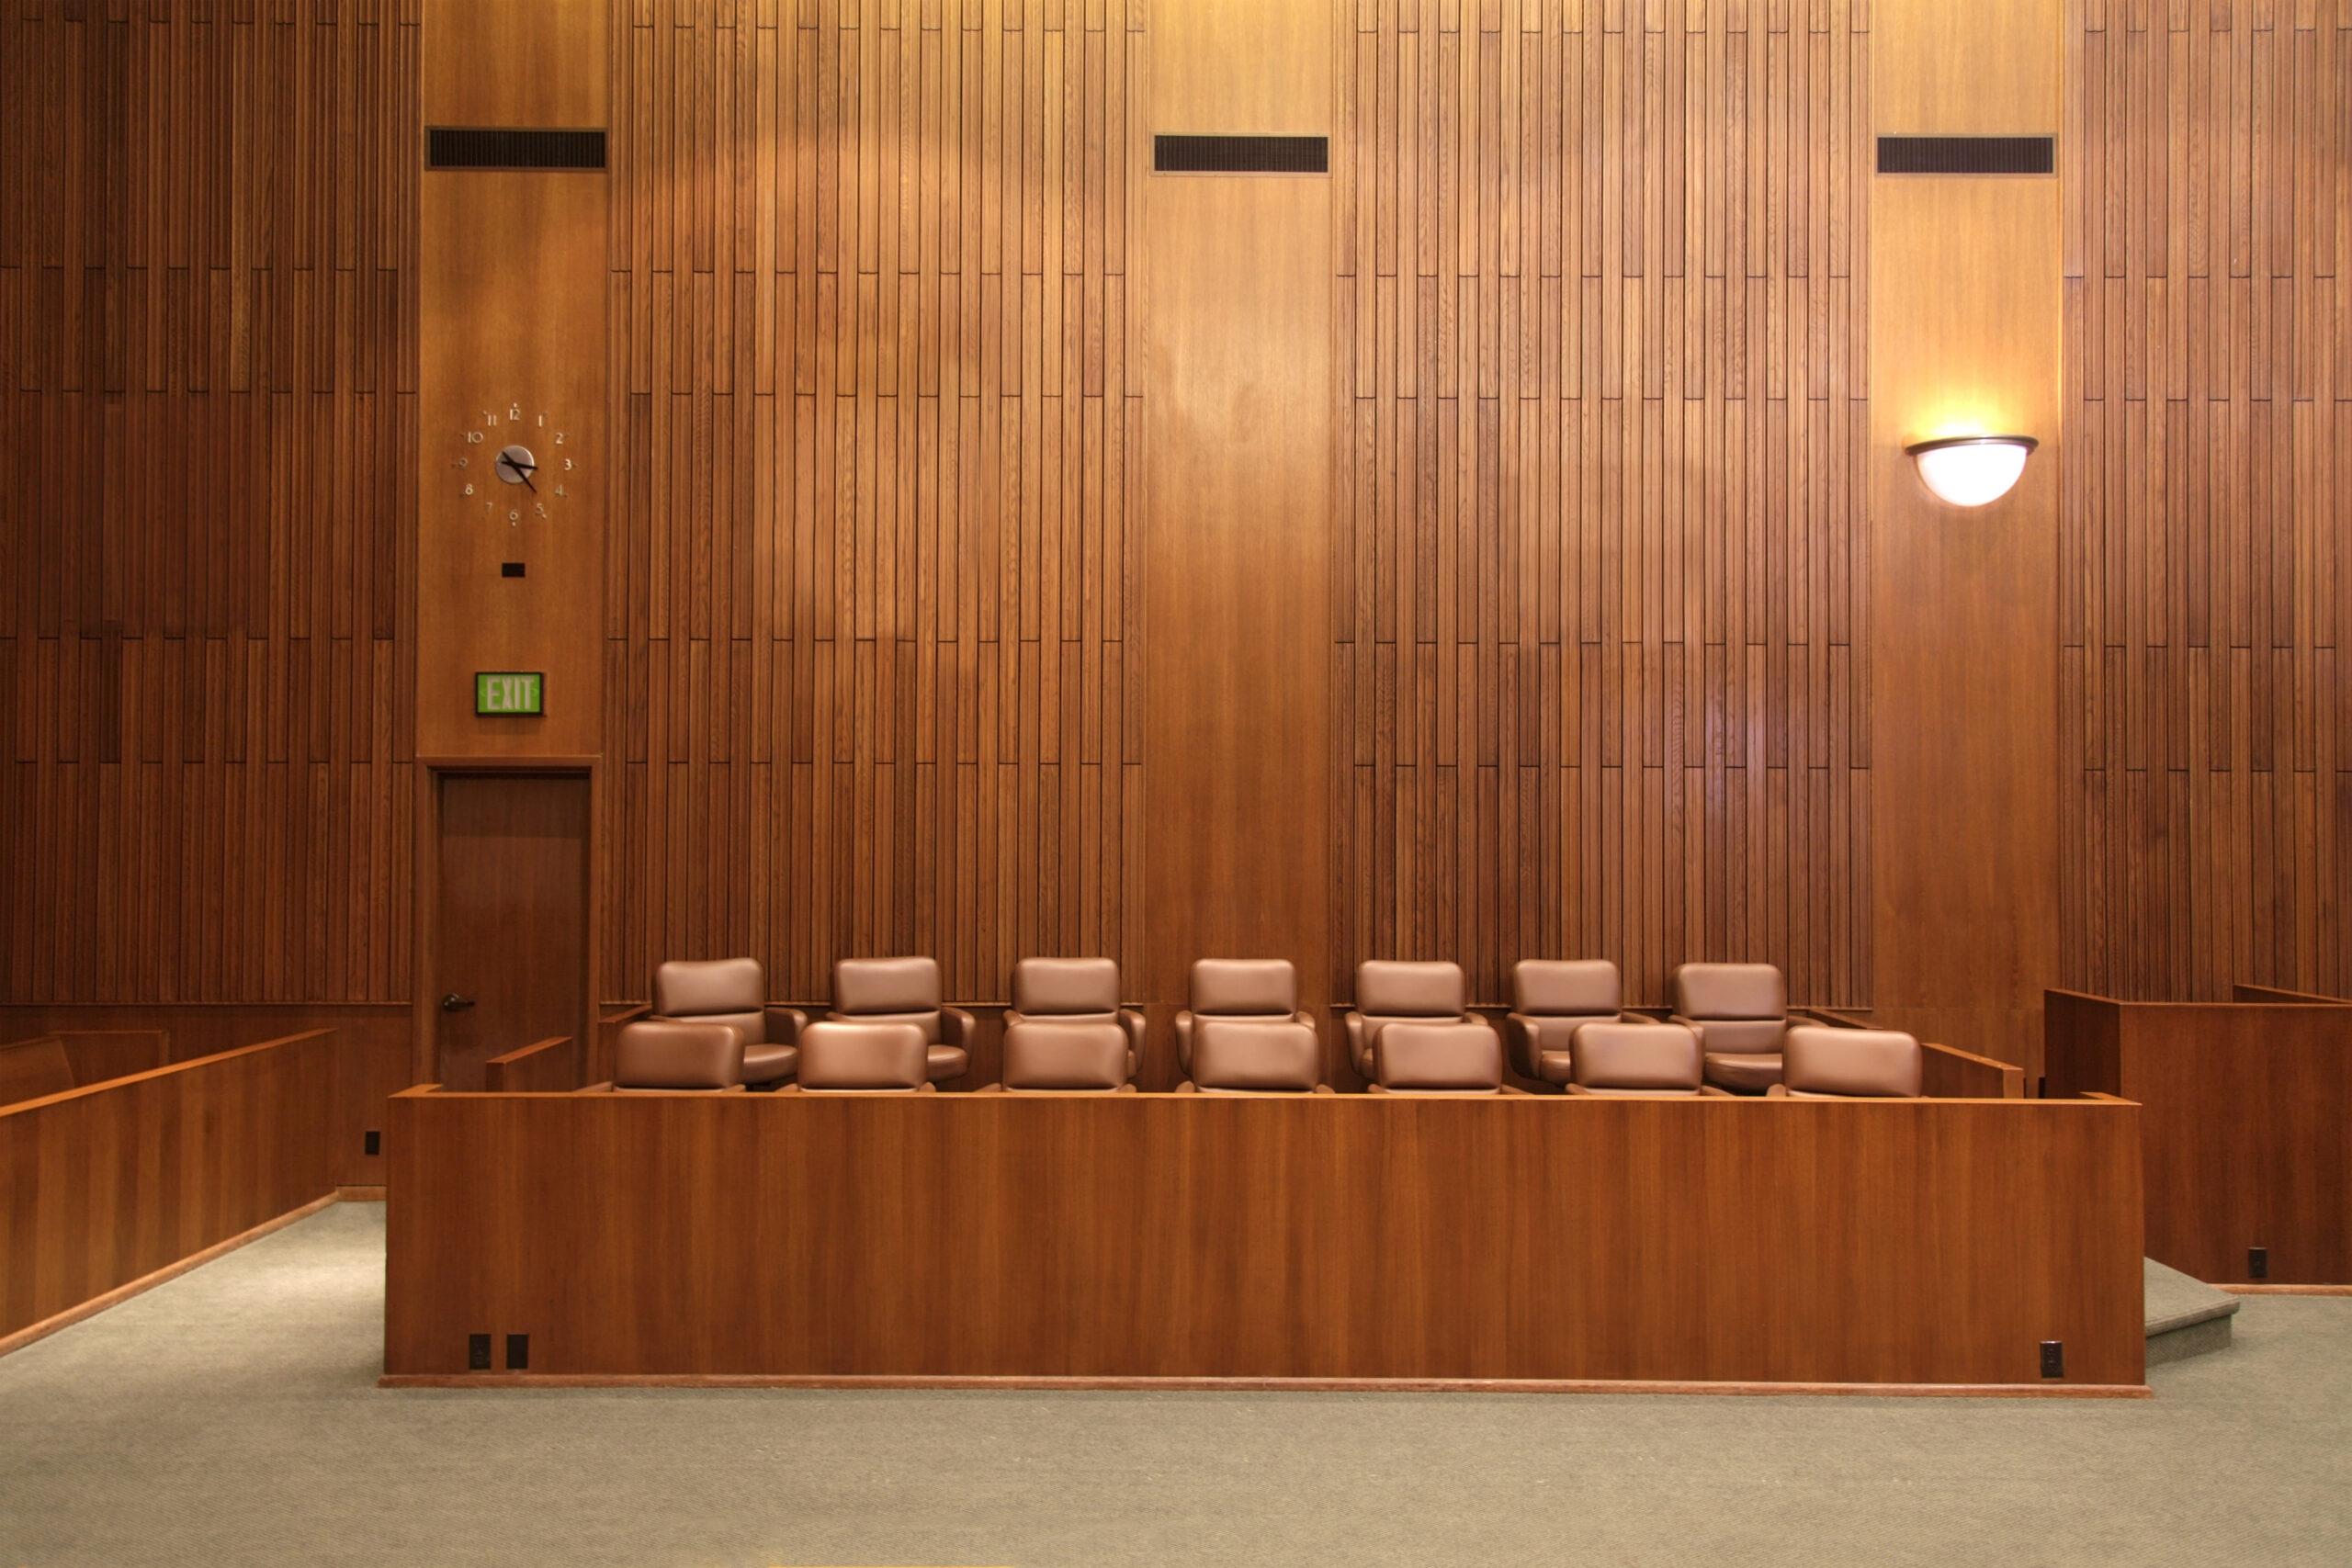 Jury Box Photo scaled